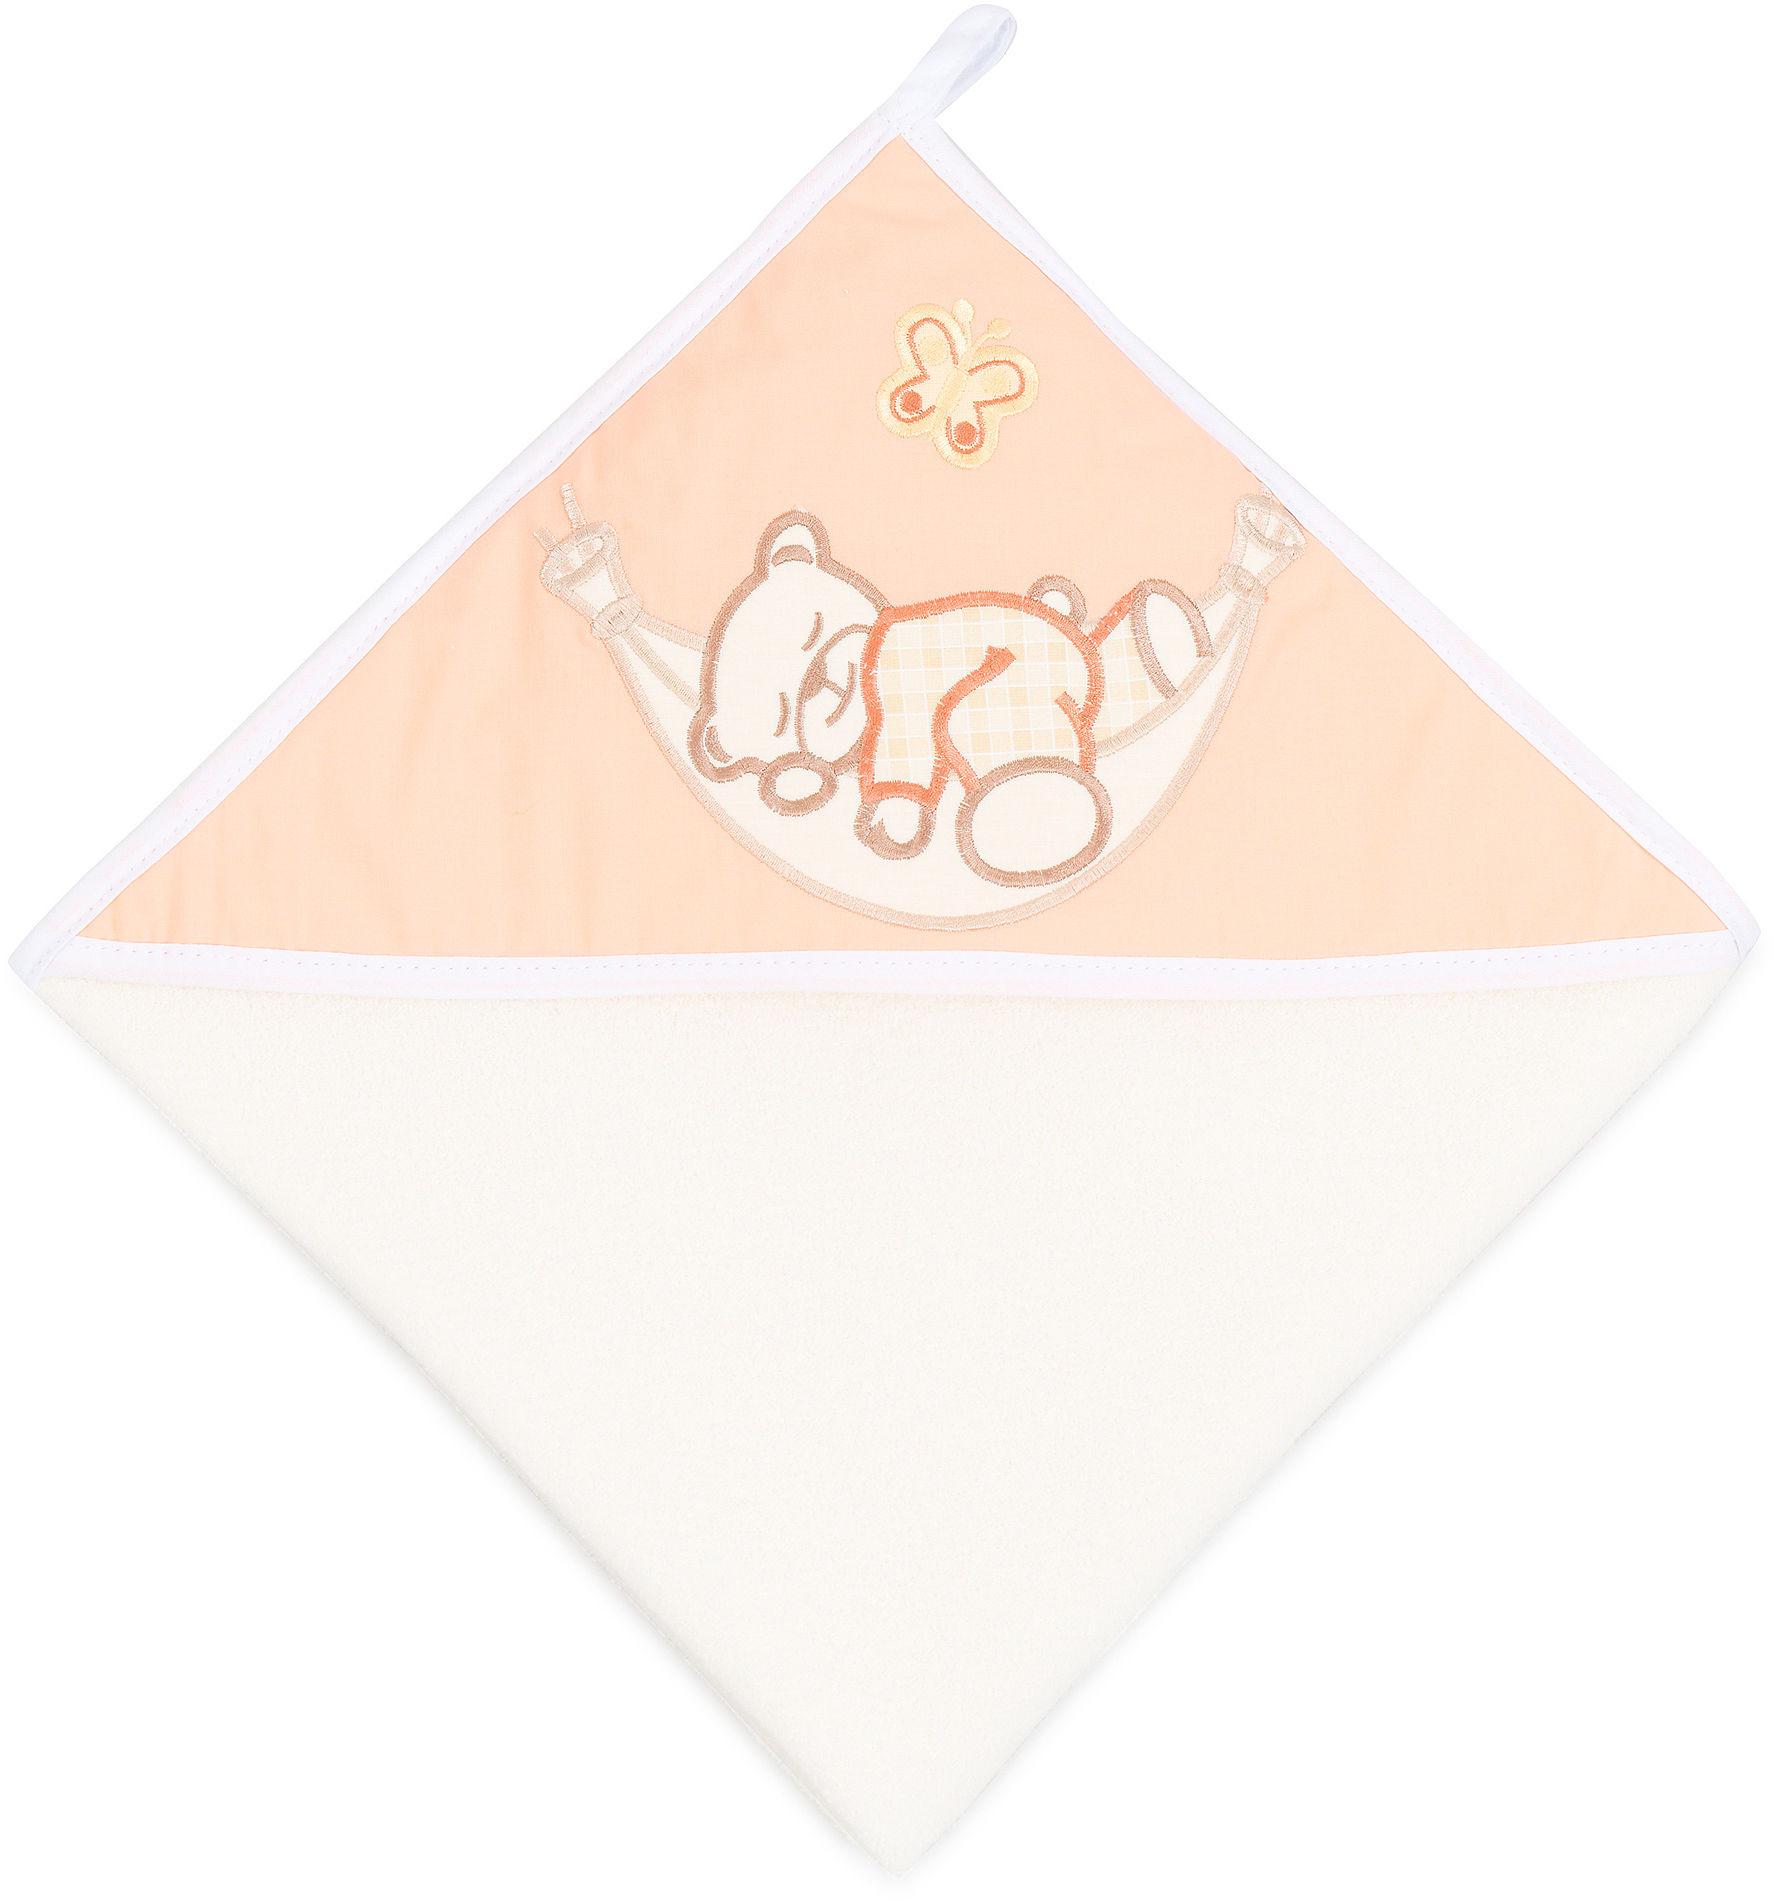 MAMO-TATO Okrycie Kąpielowe z haftem Śpioch w hamaku brzoskwiniowy / ecru